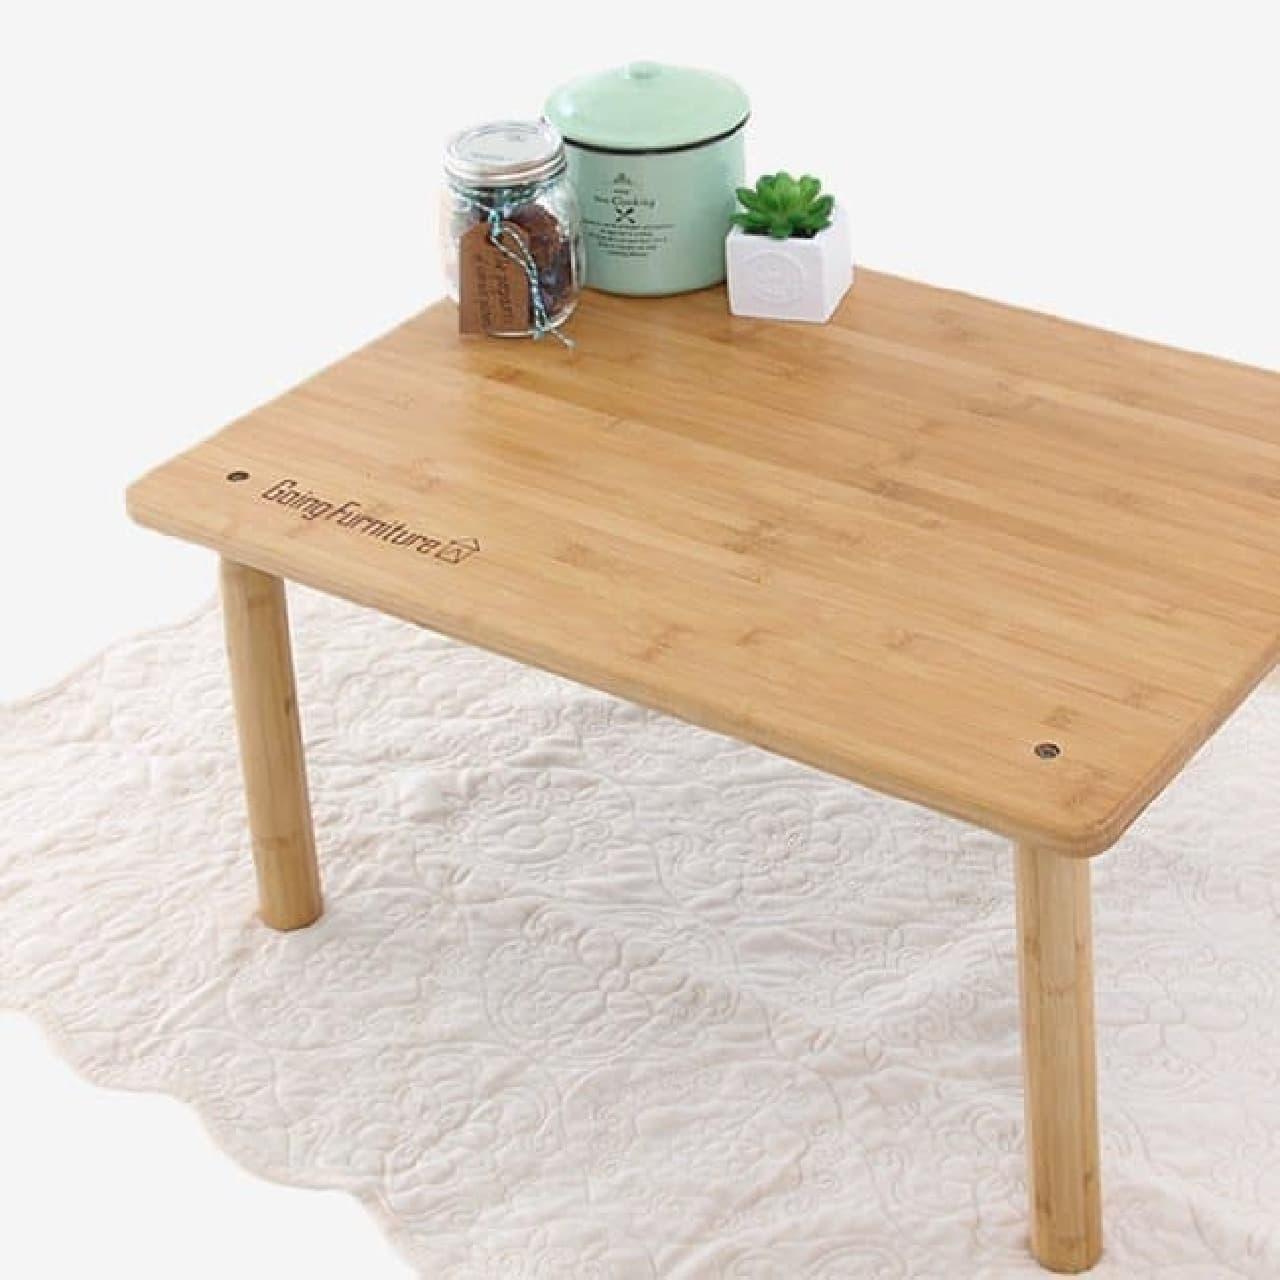 天板をひっくり返せば、普通の木製テーブルに